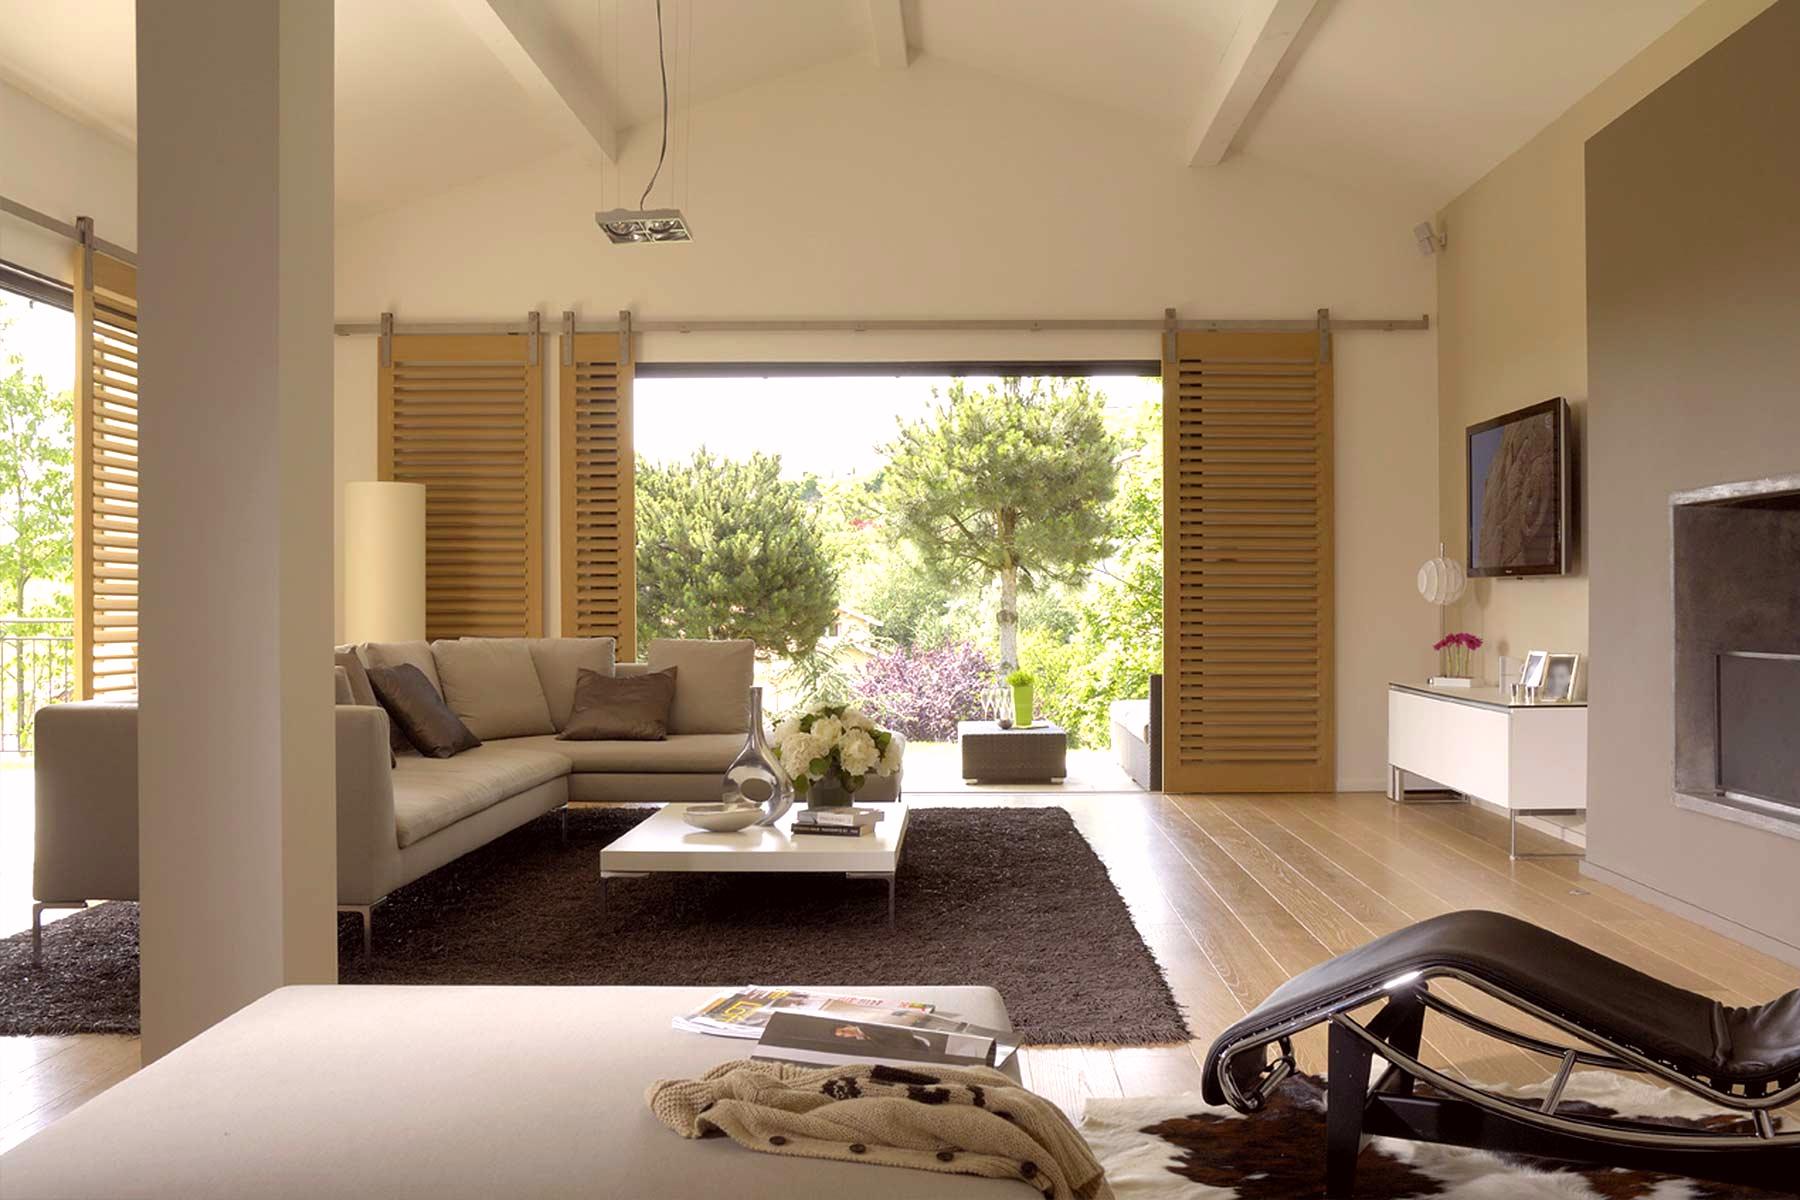 Decoration de maison interieur - Design en image